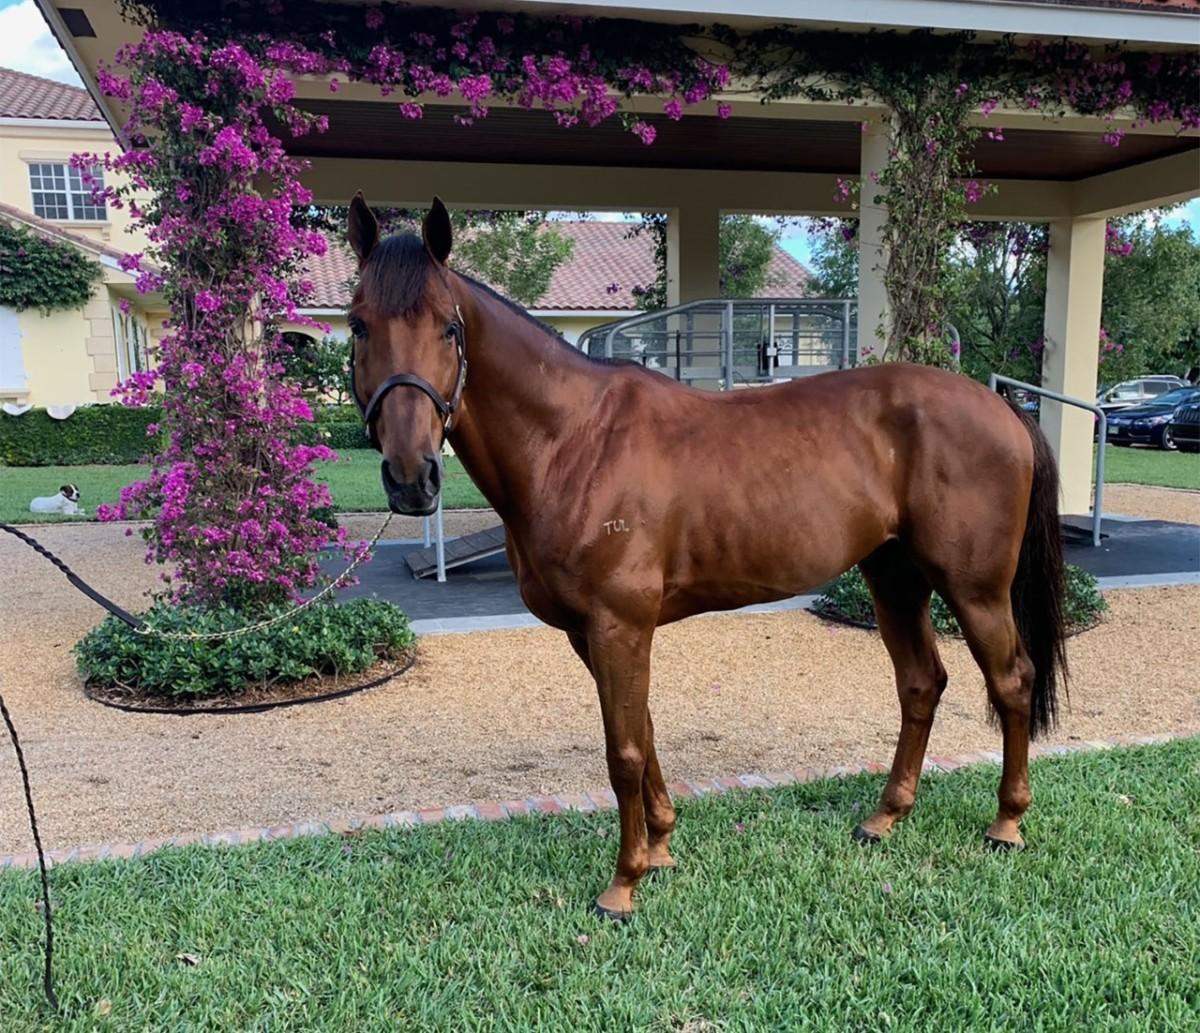 New horse for Georgina Bloomberg